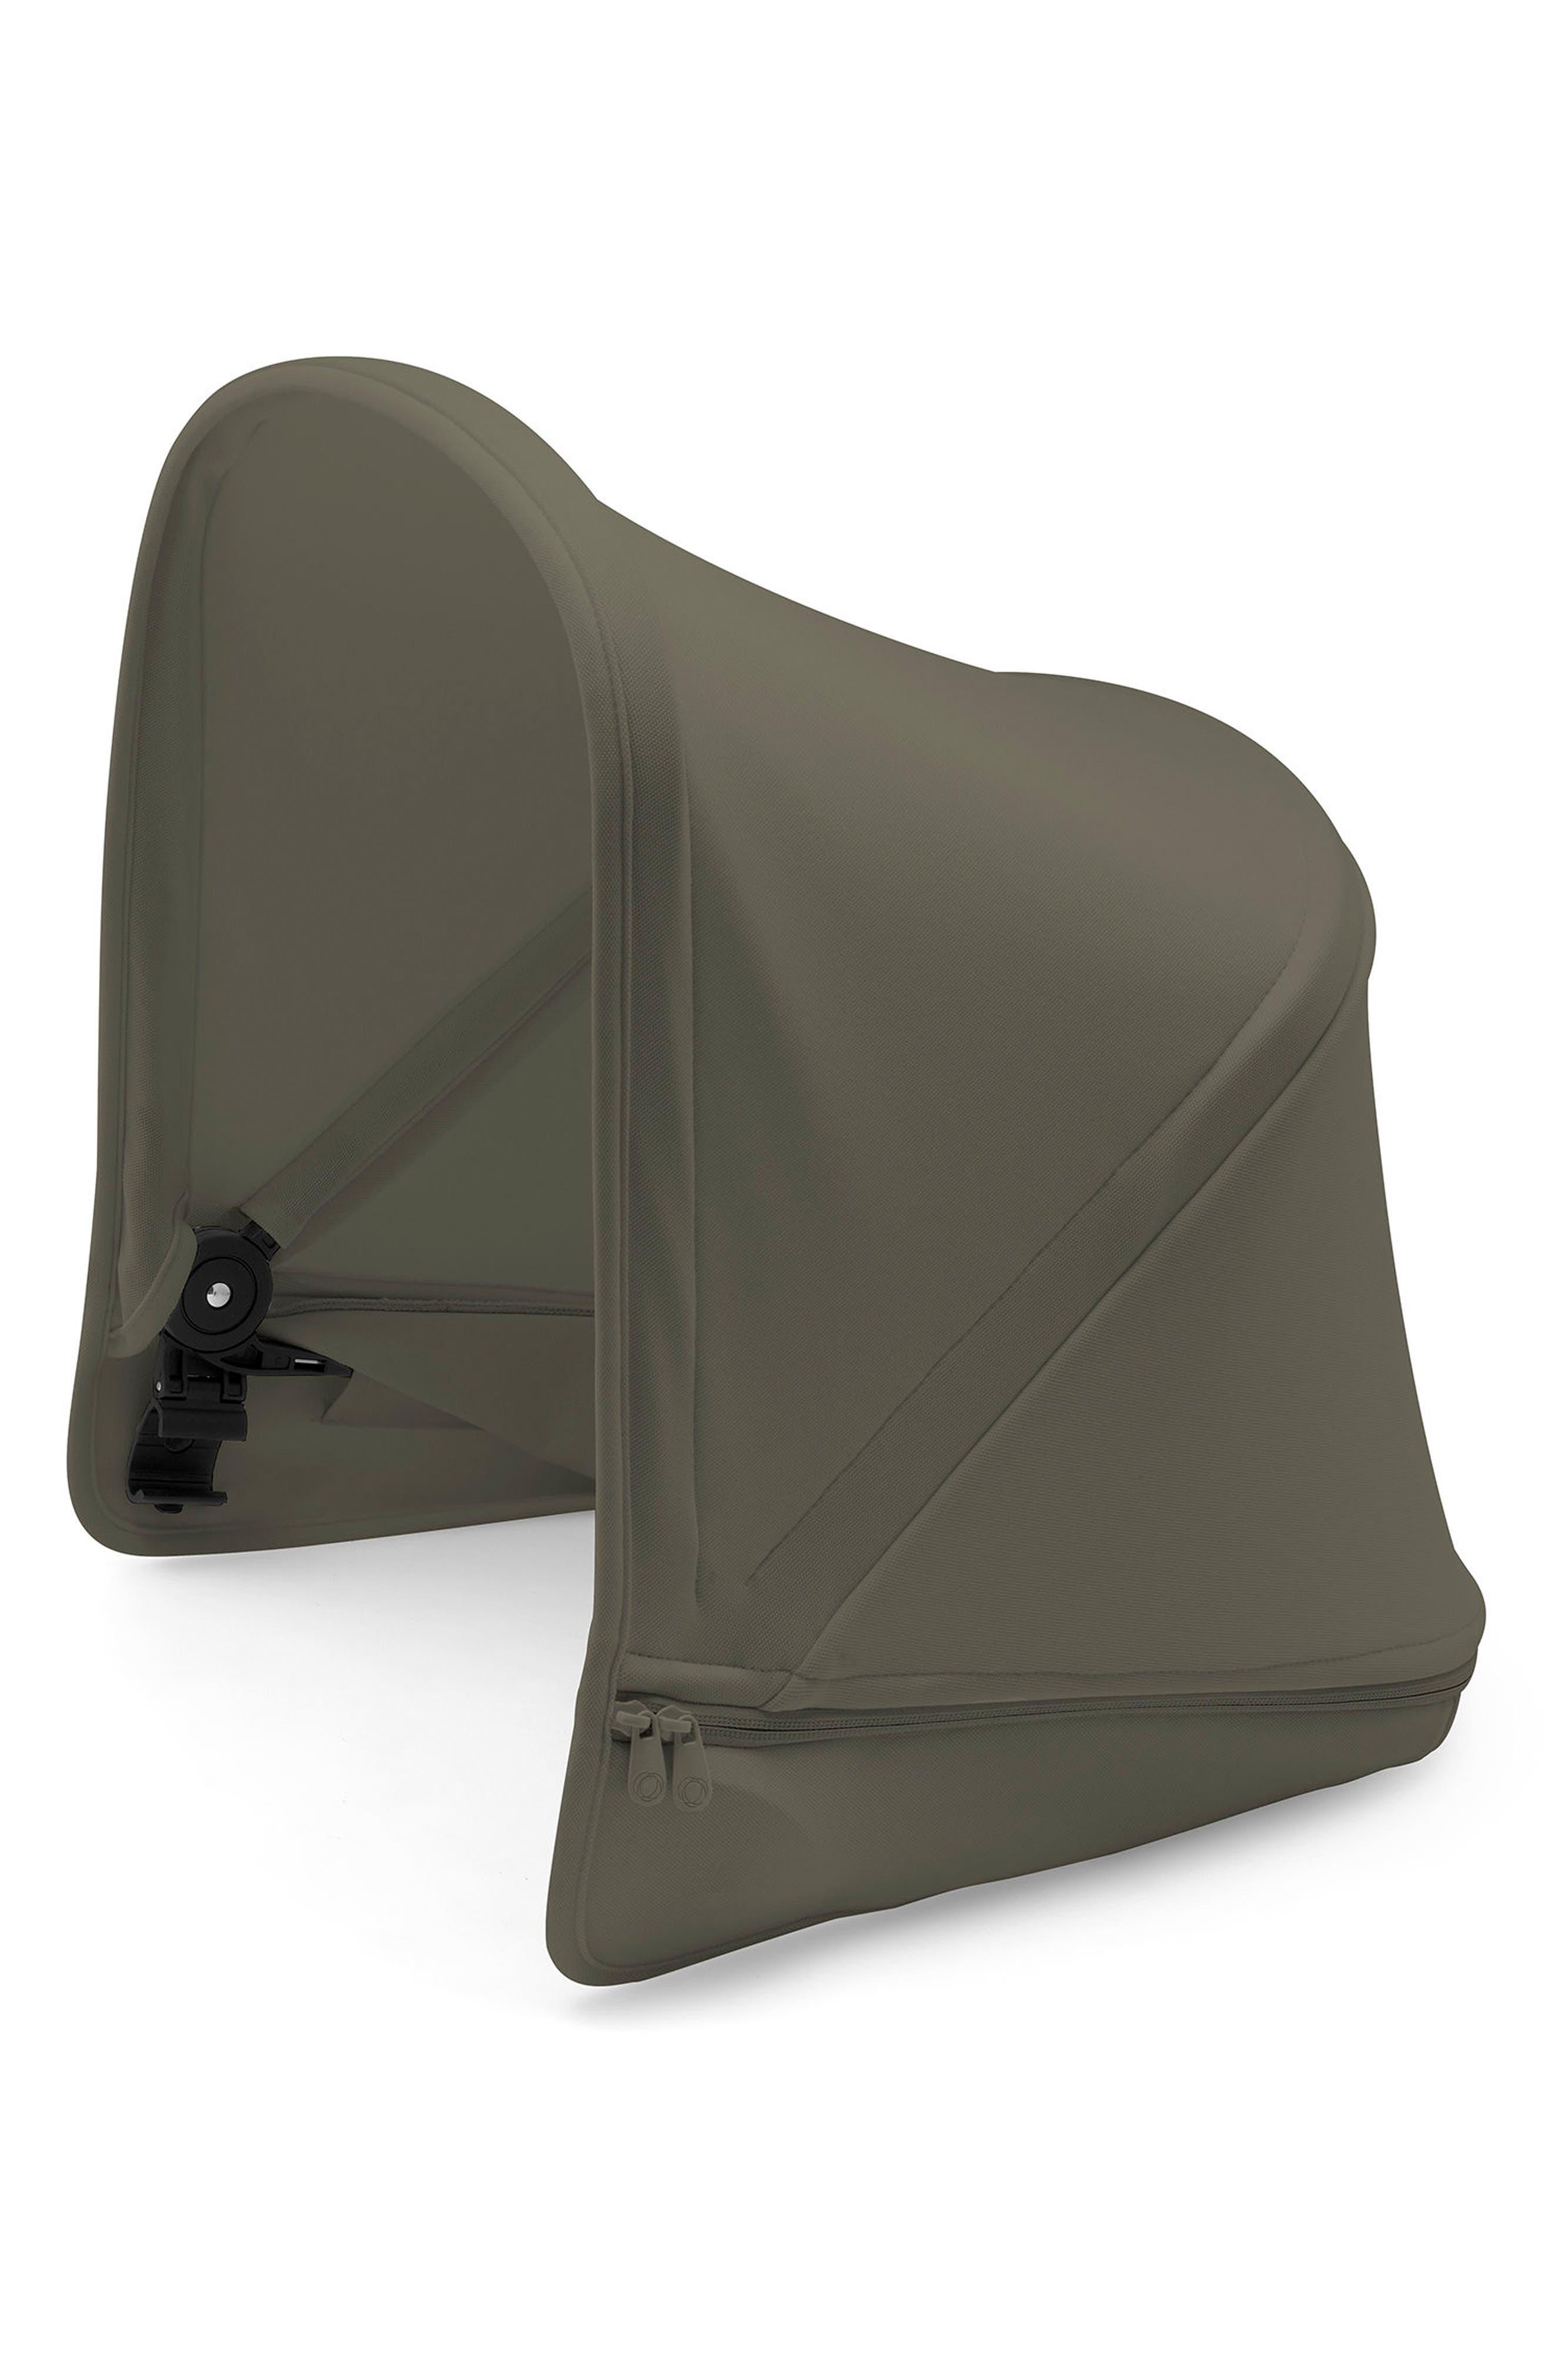 Bugaboo Sun Canopy for Bugaboo Donkey2 Stroller